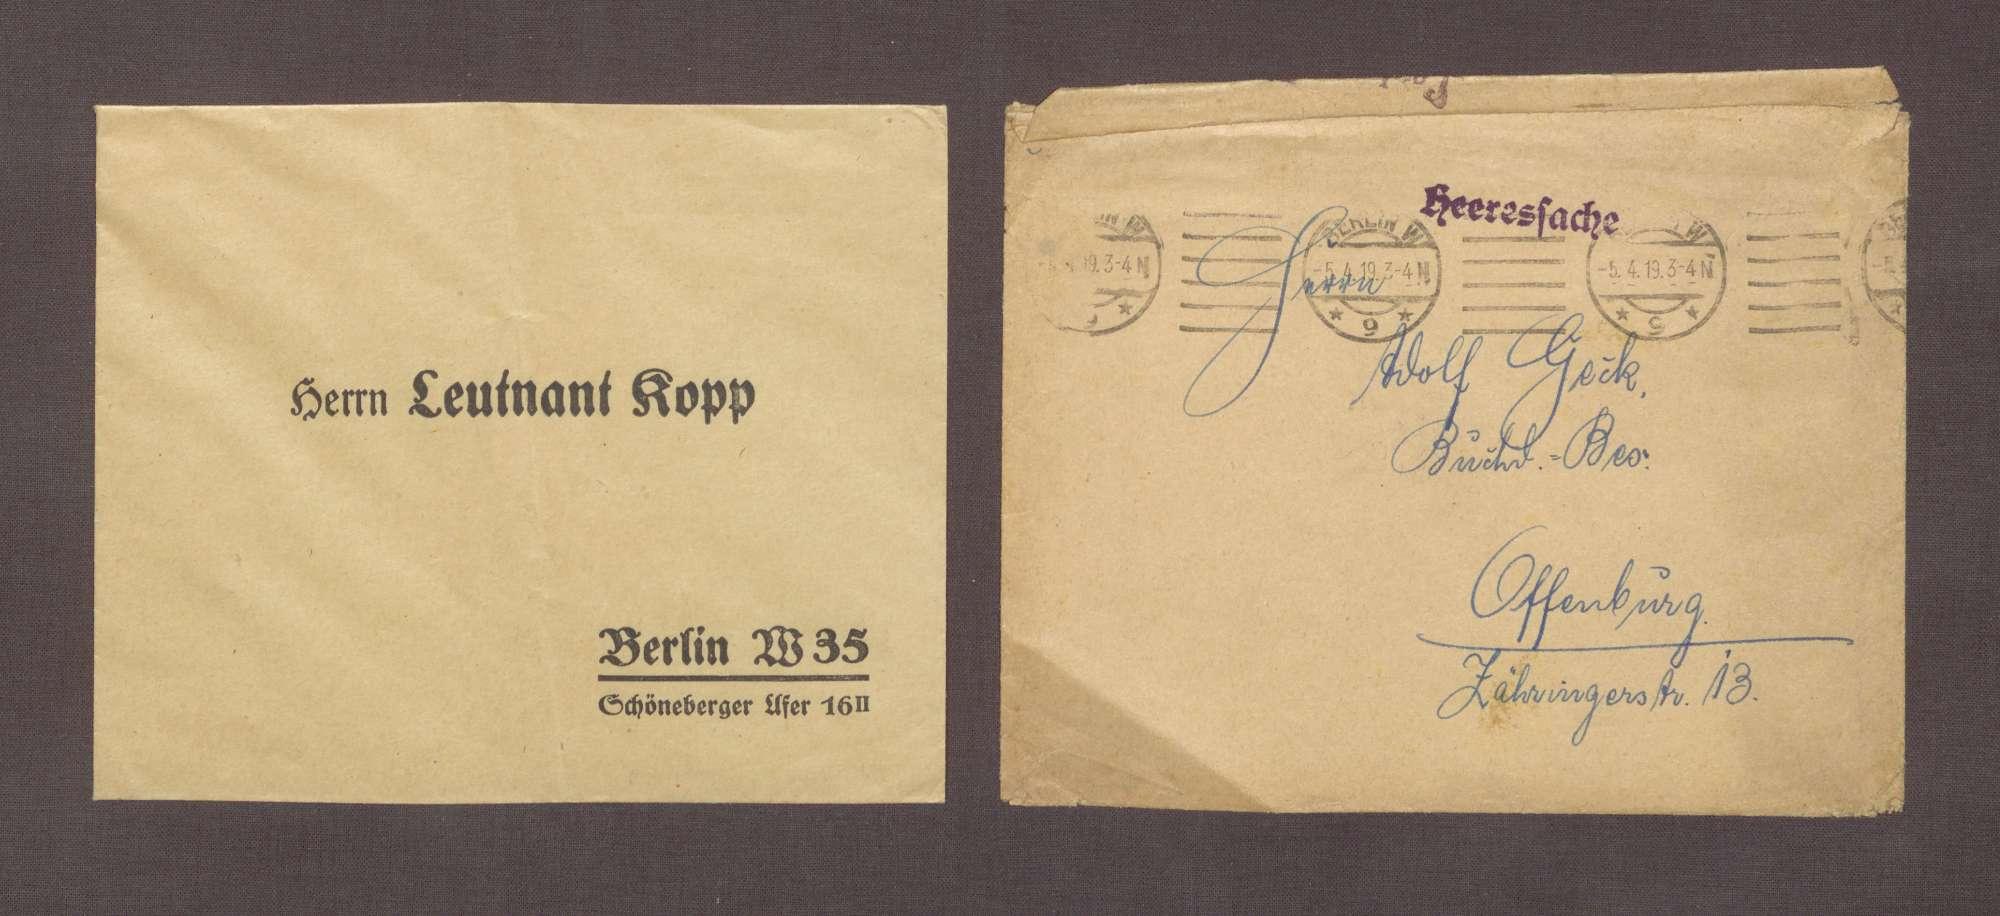 Leutnant Kopp, Berlin, Werbestelle O. K. Grenzschutz Nord, an Adolf Geck: Verpflichtungsschein für den Freiwilligen-Dienst zum Schutz der Ostgrenzen, 05.04.1919, Bild 2